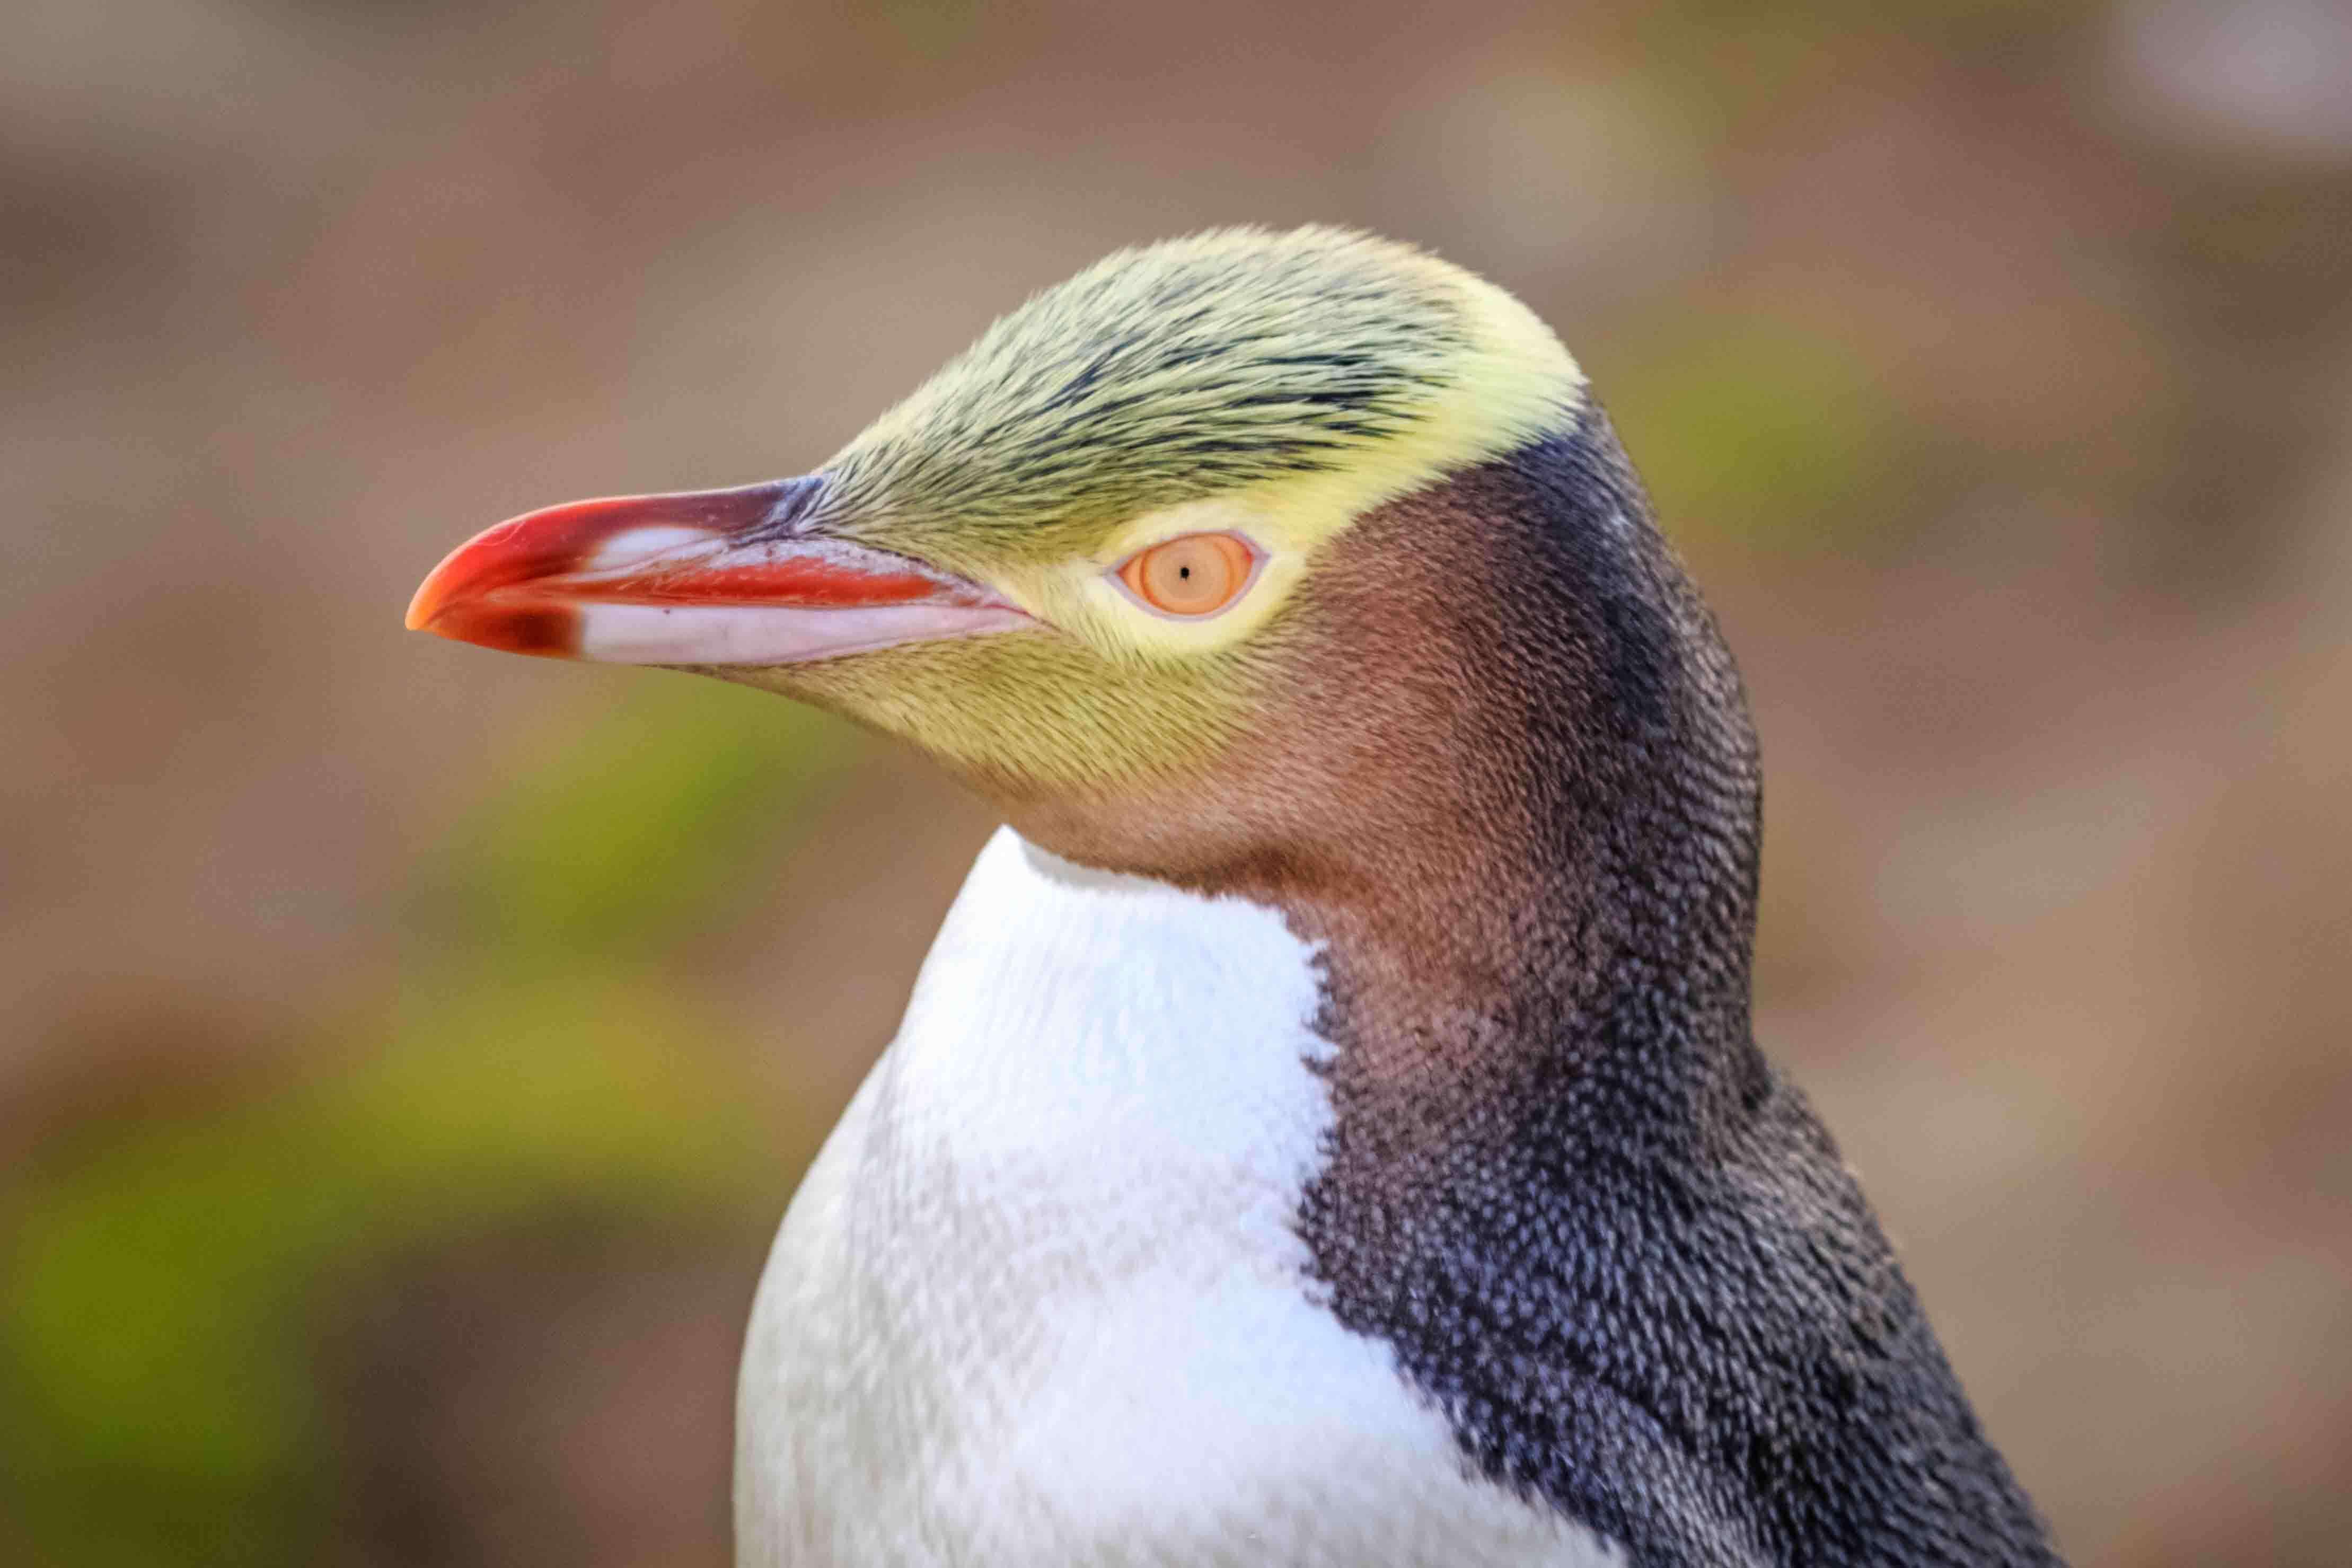 volto e becco del pinguino dagli occhi gialli